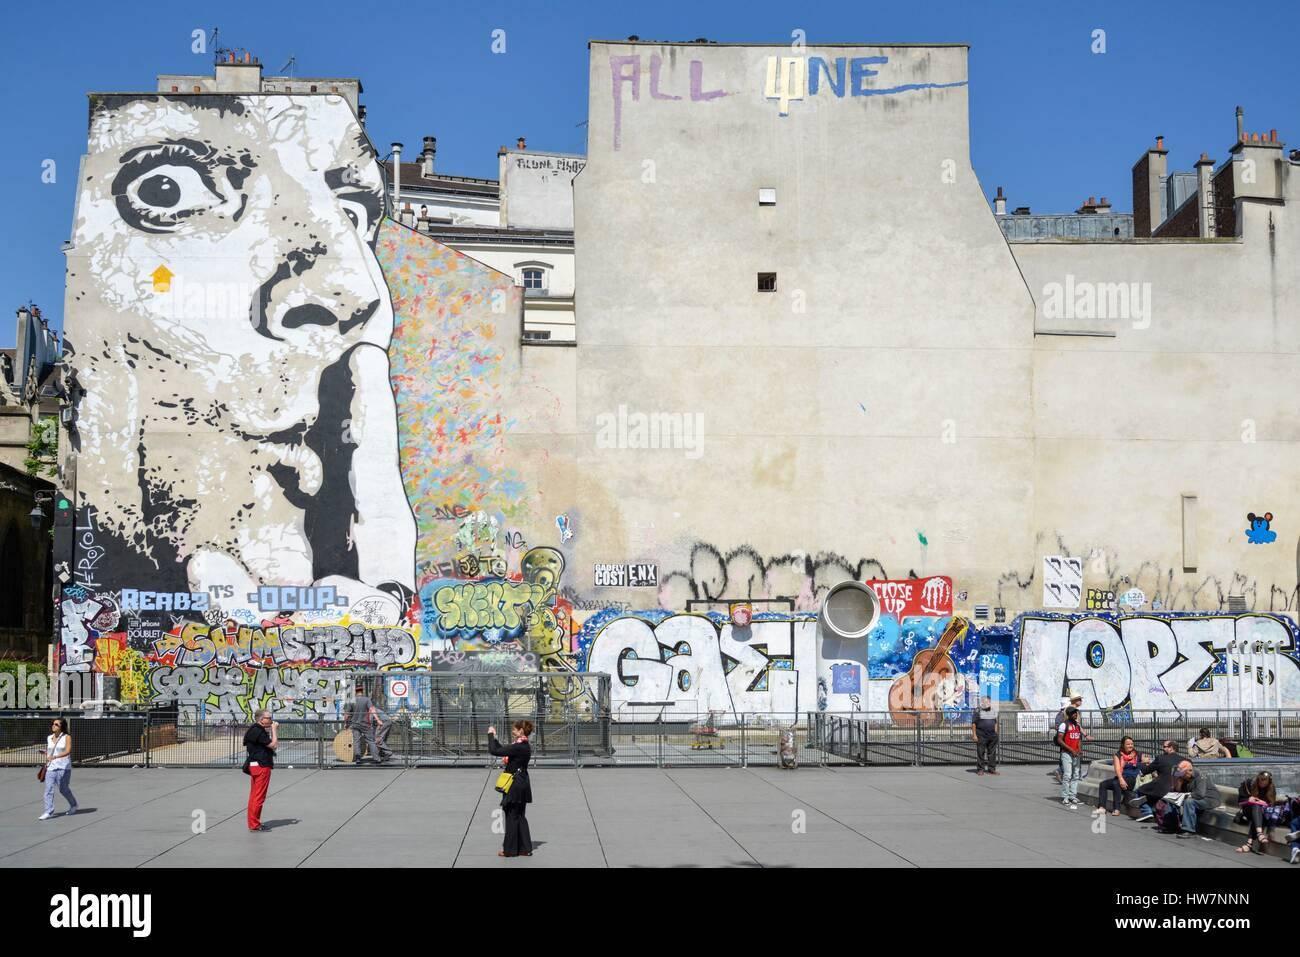 Francia, Paris, Place Igor Stravinsky, ir y venir de caminantes delante de una pared pintada con un mural de Jef Imagen De Stock